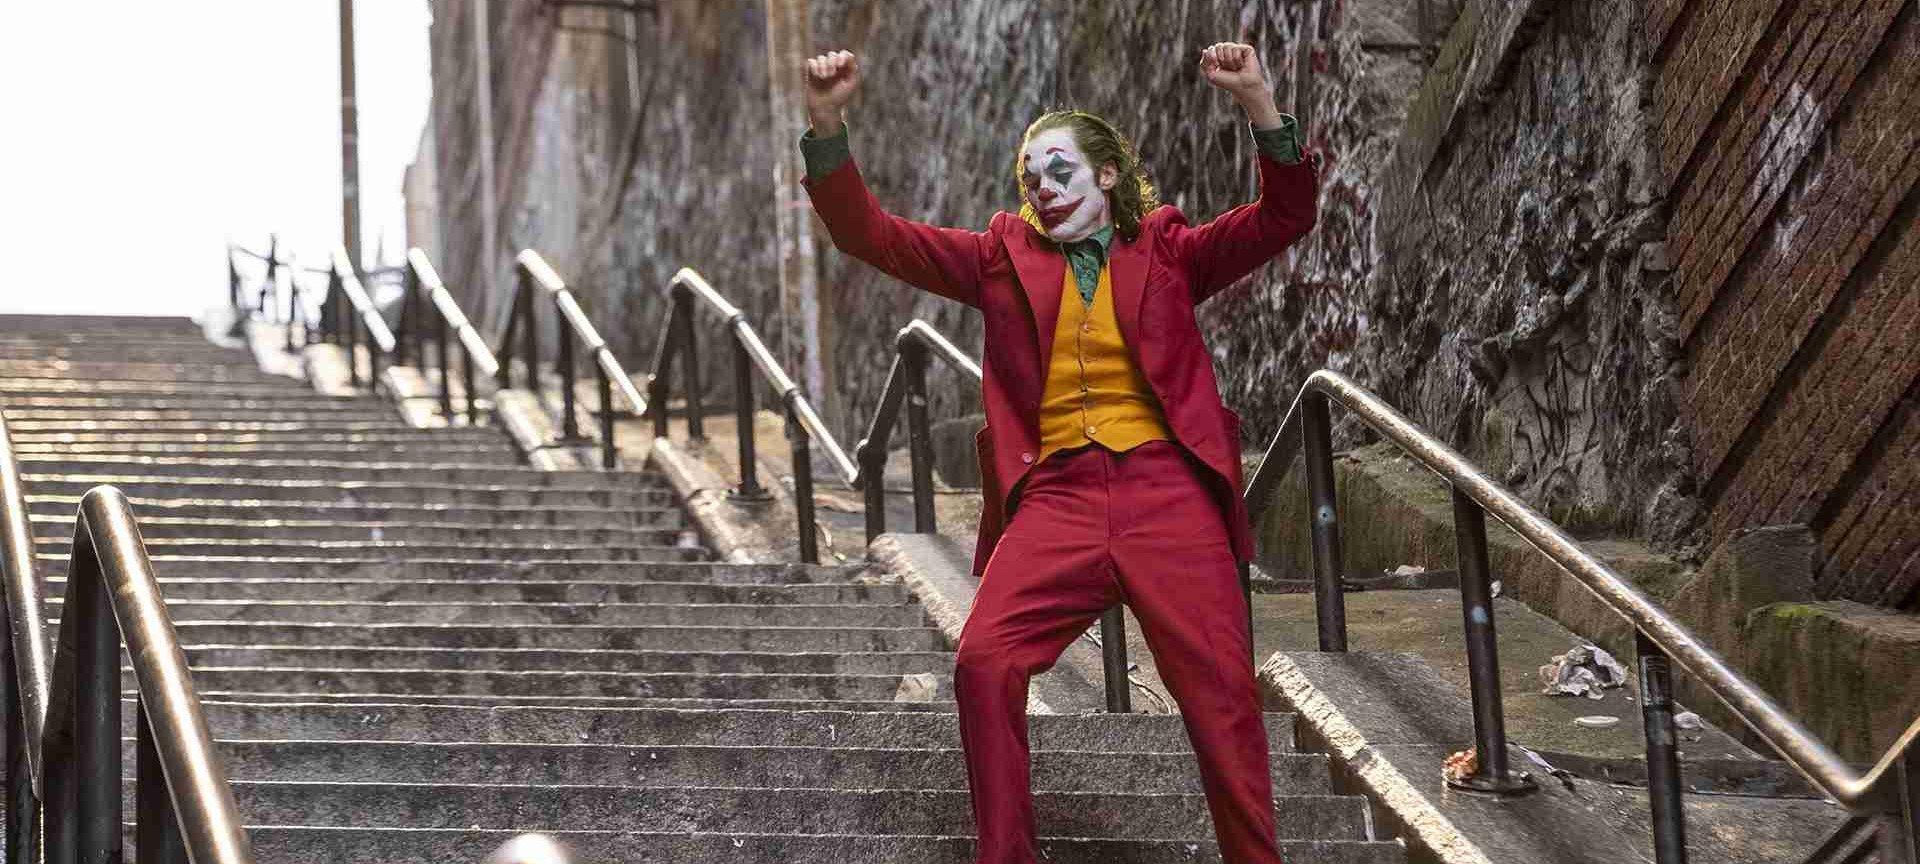 escena más estresante de Joker